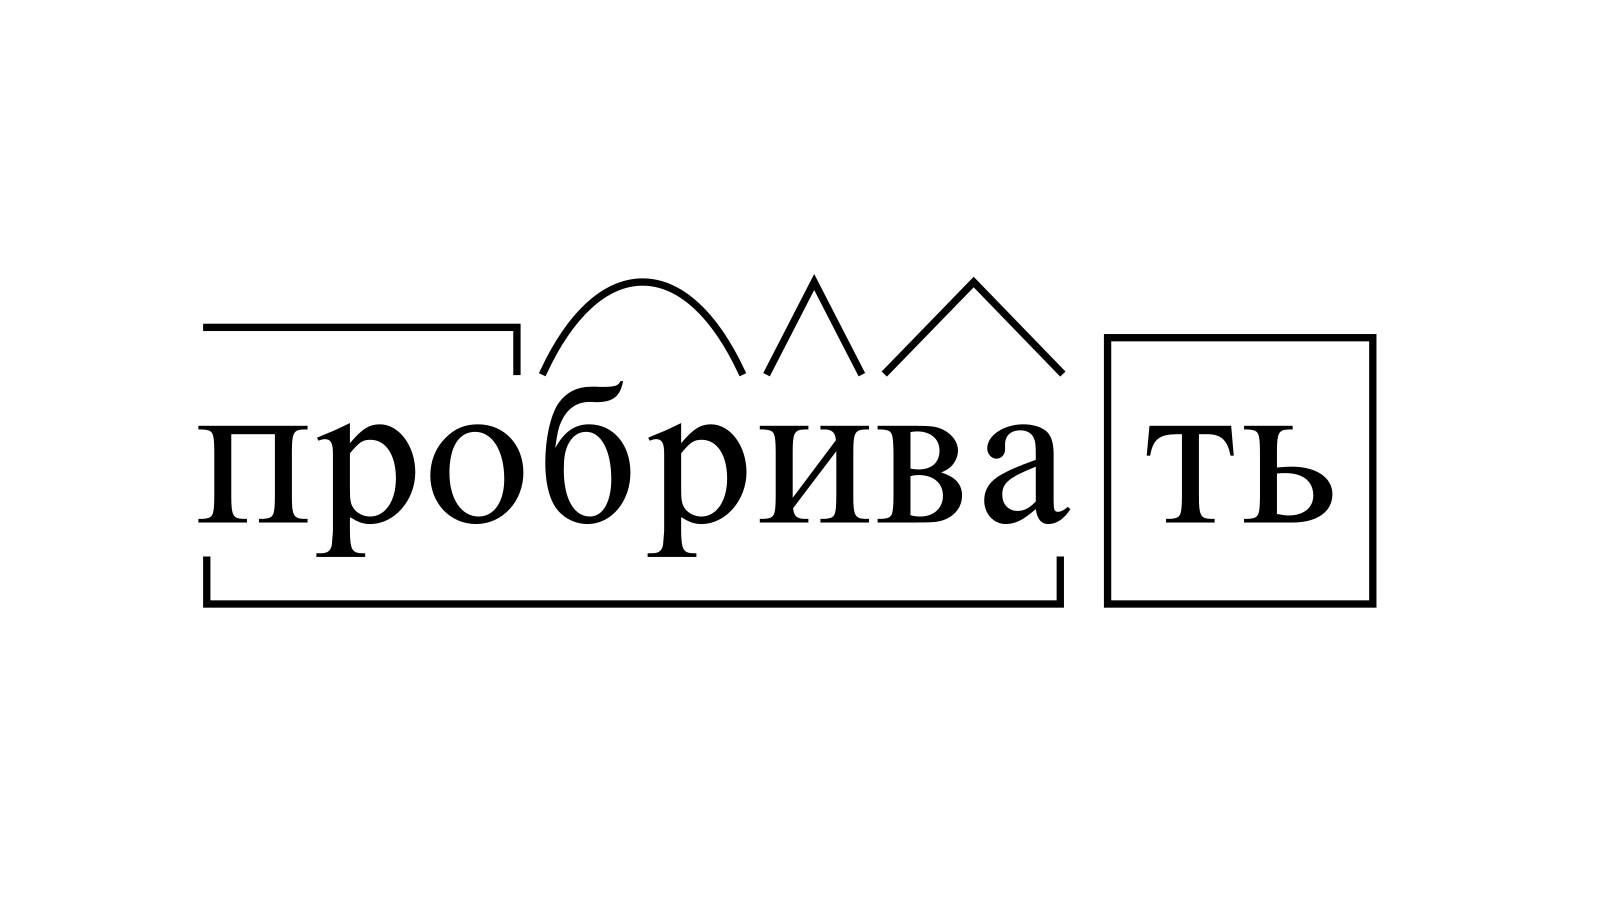 Разбор слова «пробривать» по составу